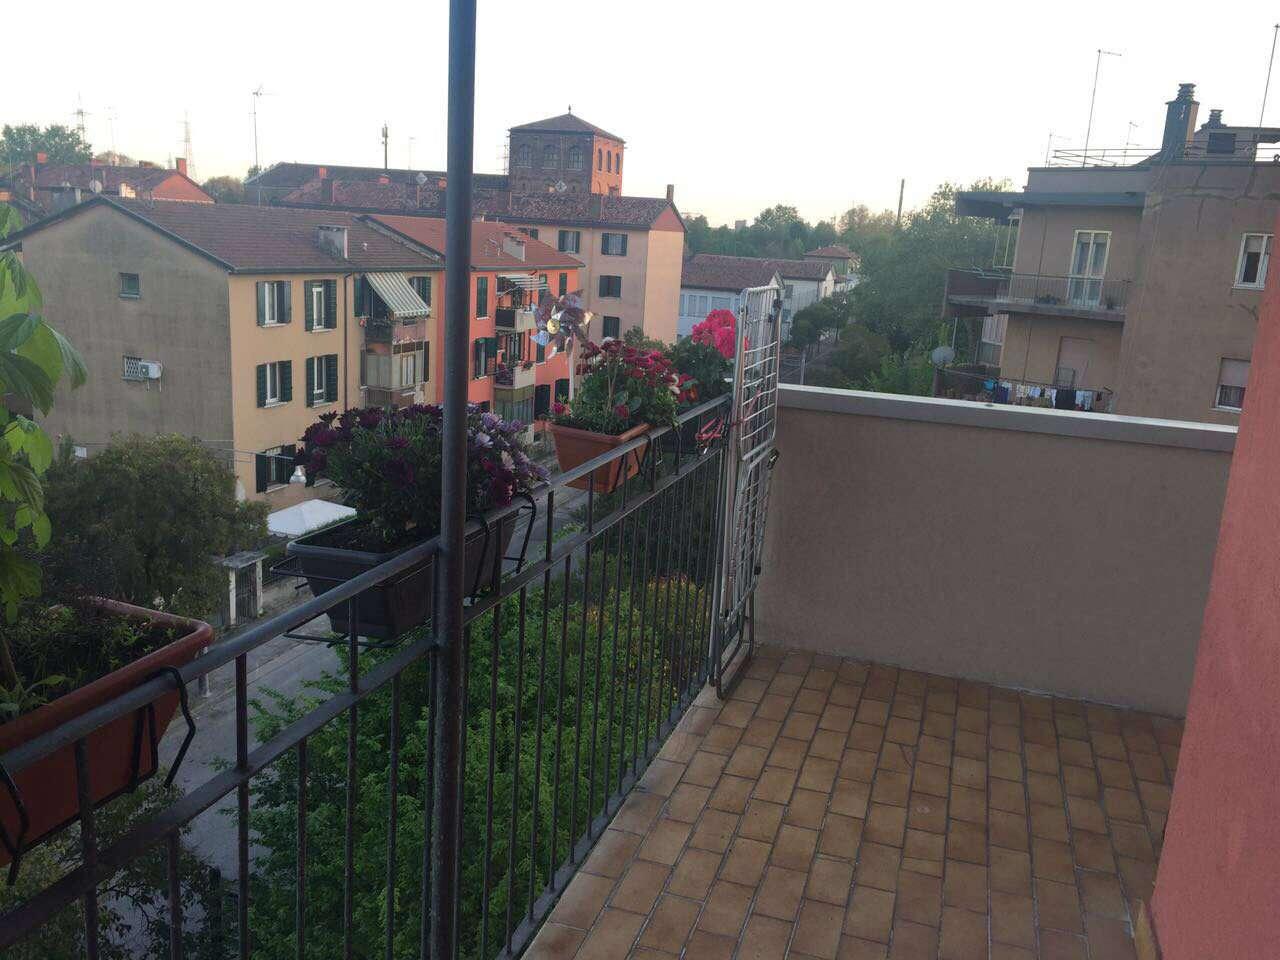 Monolocale venezia vendita zona 12 marghera 90 for Monolocale a venezia